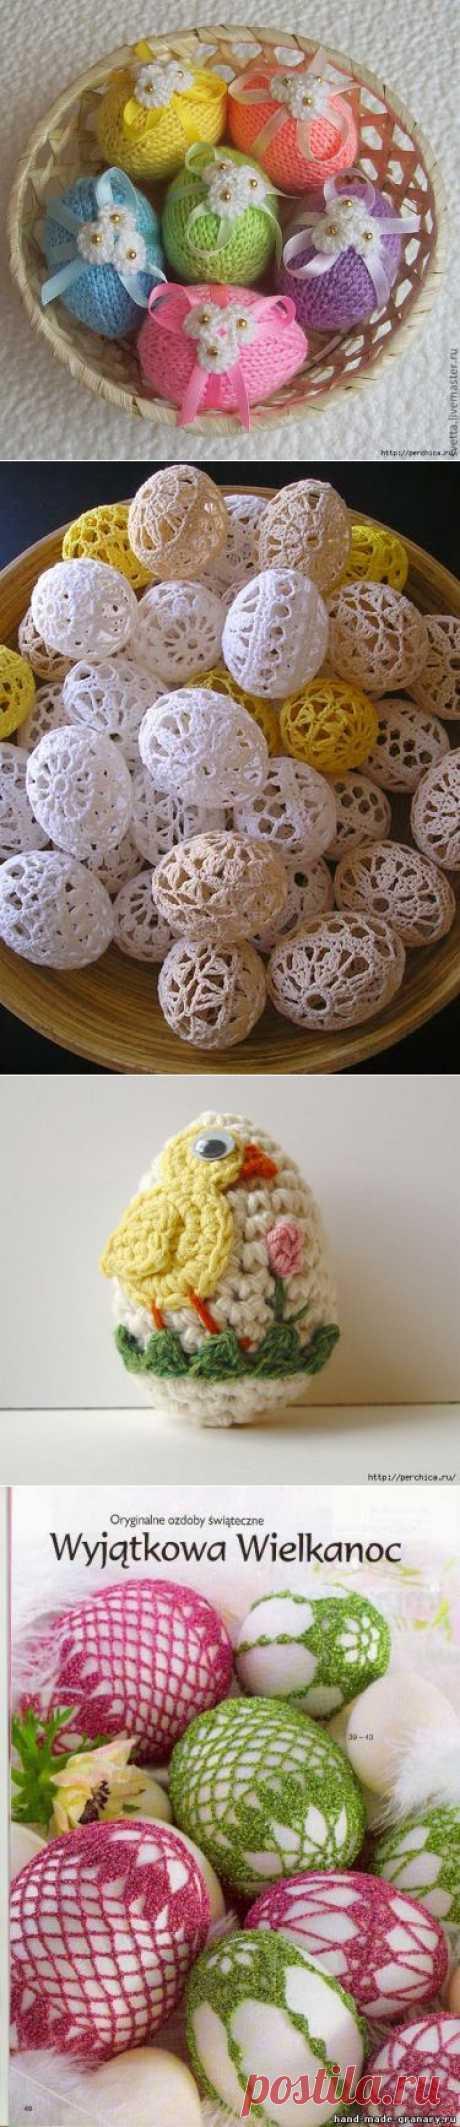 Вязаный декор пасхальных яиц - мк и схемы.